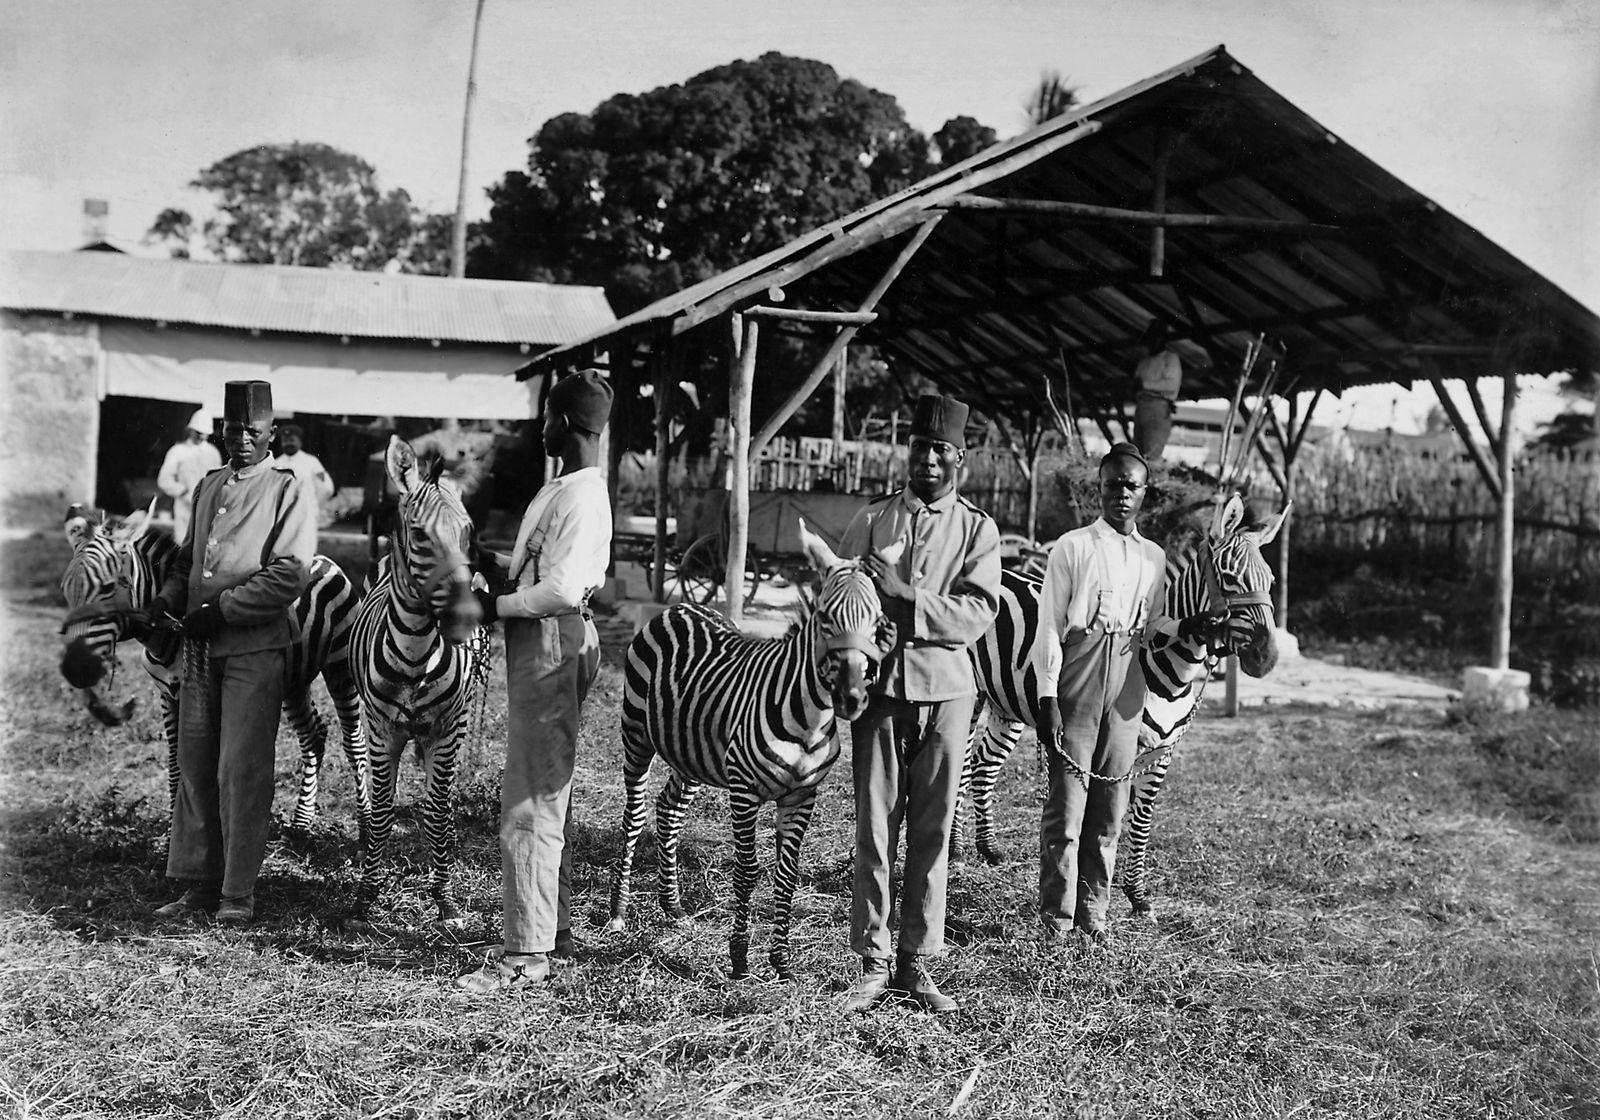 Zebrazucht in Deutsch-Ostafrika, 1904